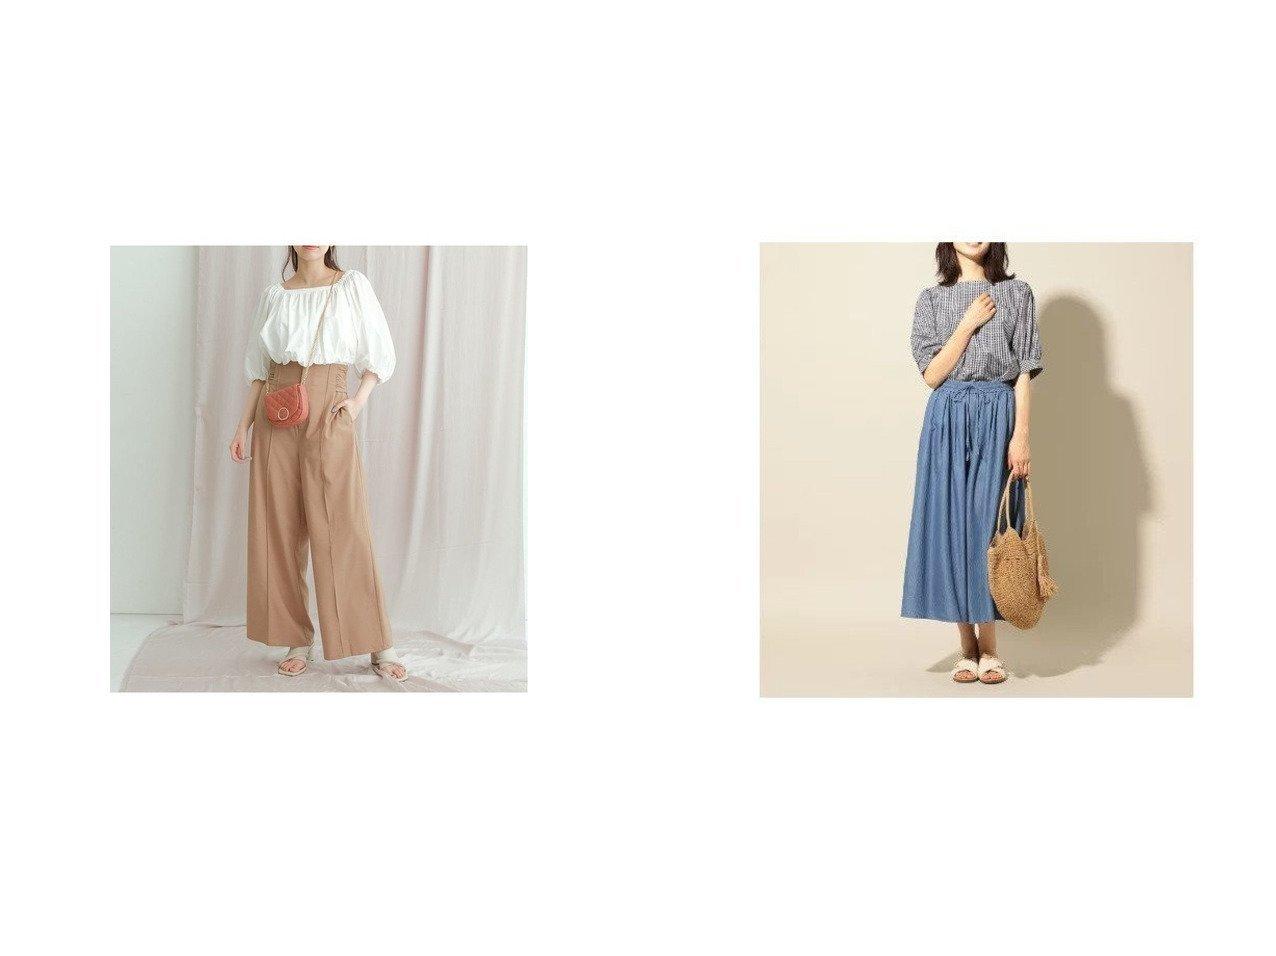 【Mystrada/マイストラーダ】のバックリボンワイドパンツ&【any FAM/エニィファム】のナチュラルドライワッシャー パンツ 【パンツ】おすすめ!人気、トレンド・レディースファッションの通販 おすすめで人気の流行・トレンド、ファッションの通販商品 インテリア・家具・メンズファッション・キッズファッション・レディースファッション・服の通販 founy(ファニー) https://founy.com/ ファッション Fashion レディースファッション WOMEN パンツ Pants NEW・新作・新着・新入荷 New Arrivals センター ワイド おすすめ Recommend サンダル シンプル デニム 夏 Summer  ID:crp329100000059128